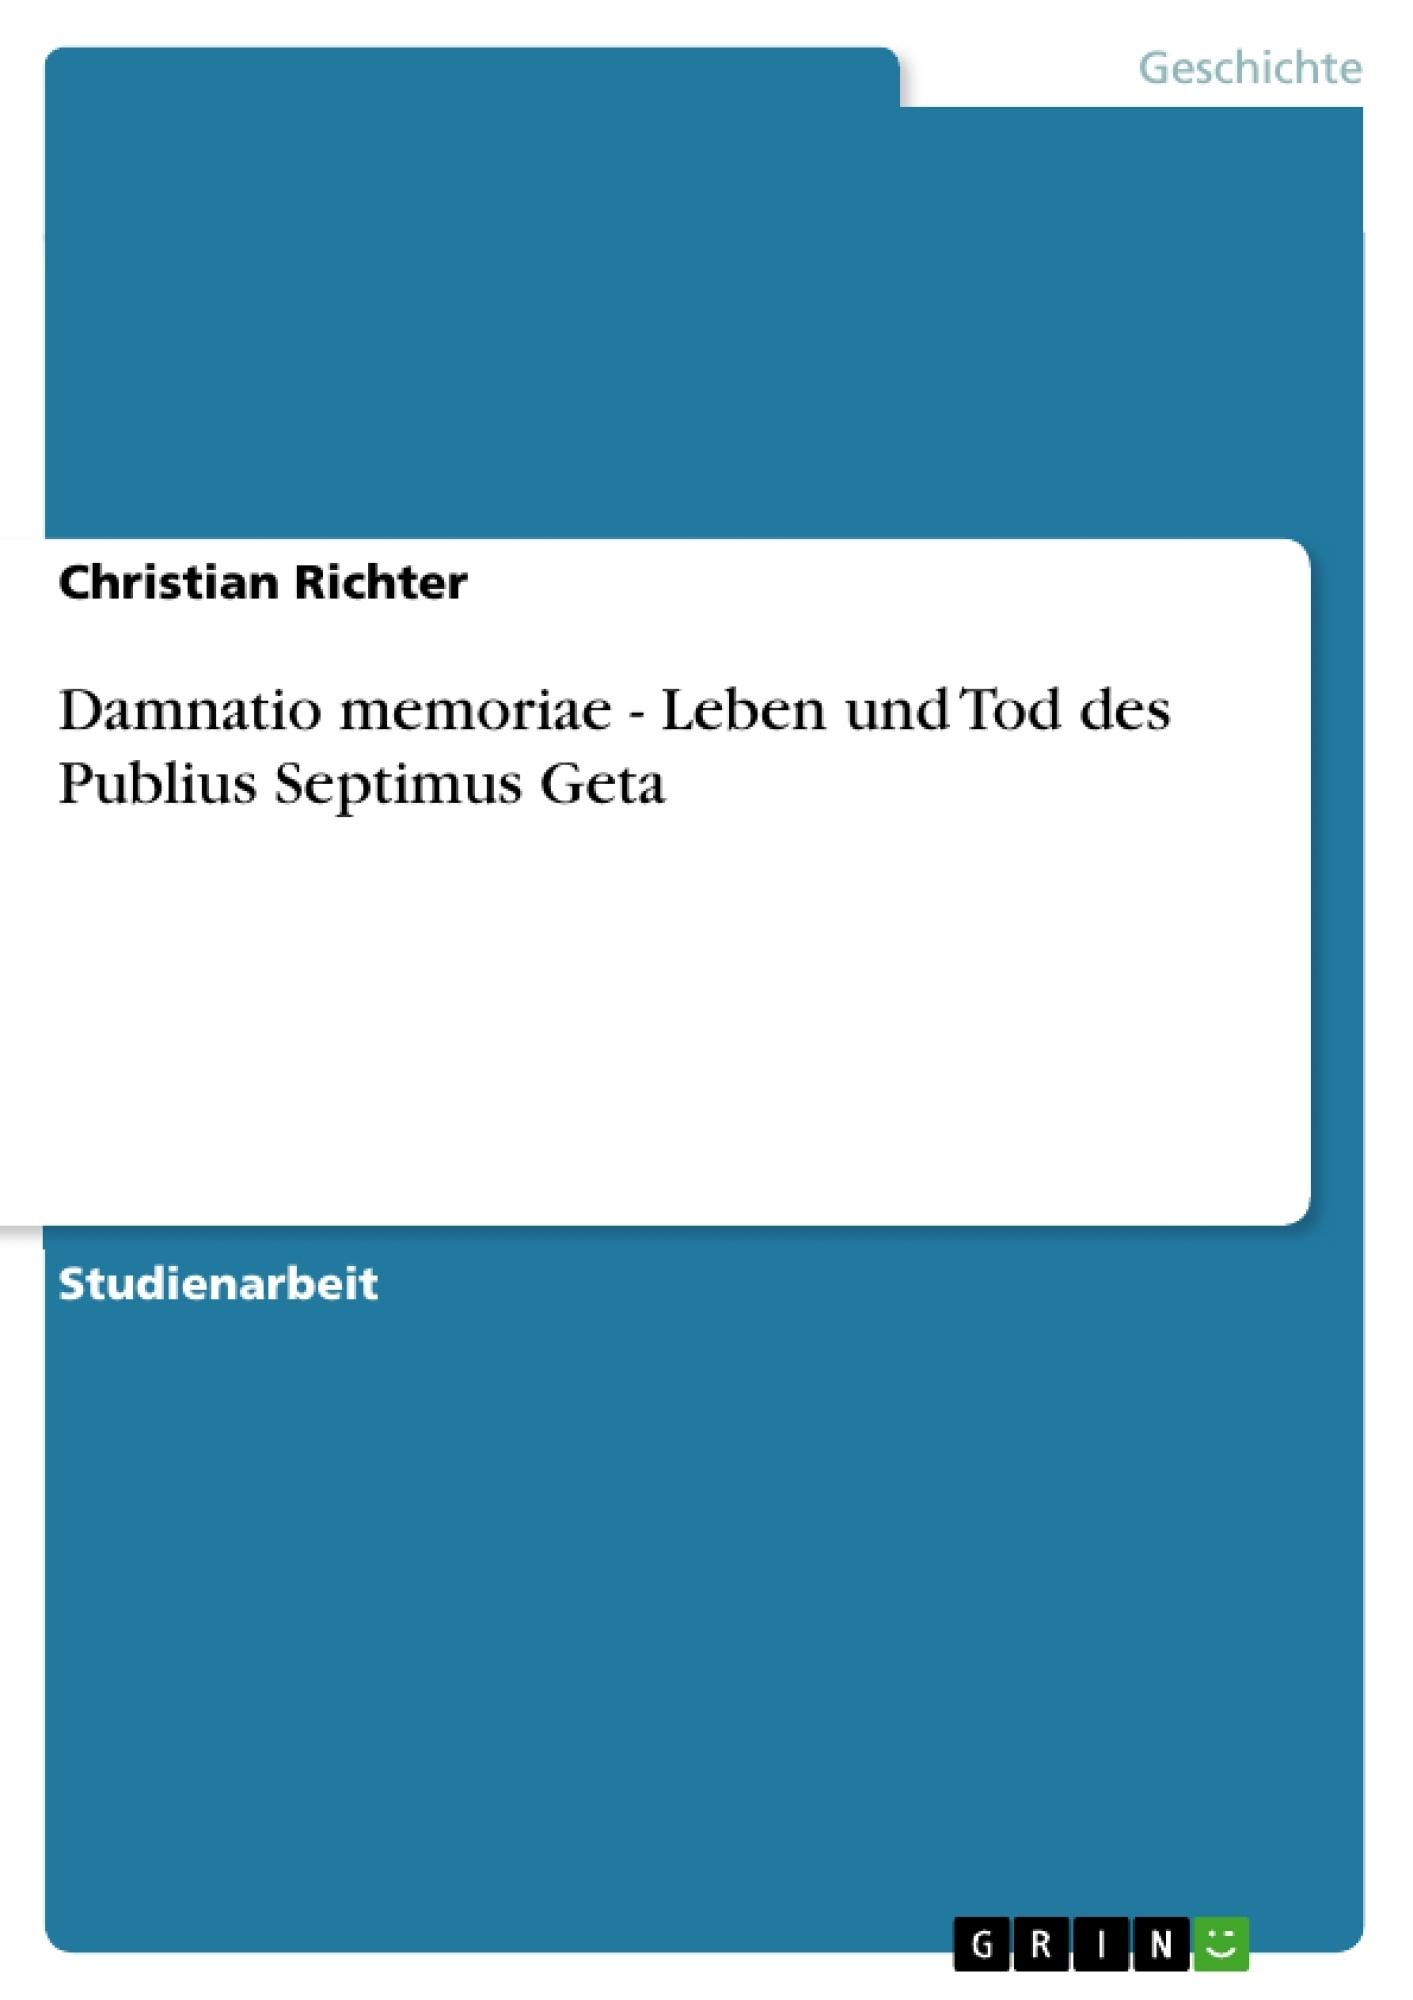 Titel: Damnatio memoriae - Leben und Tod des Publius Septimus Geta